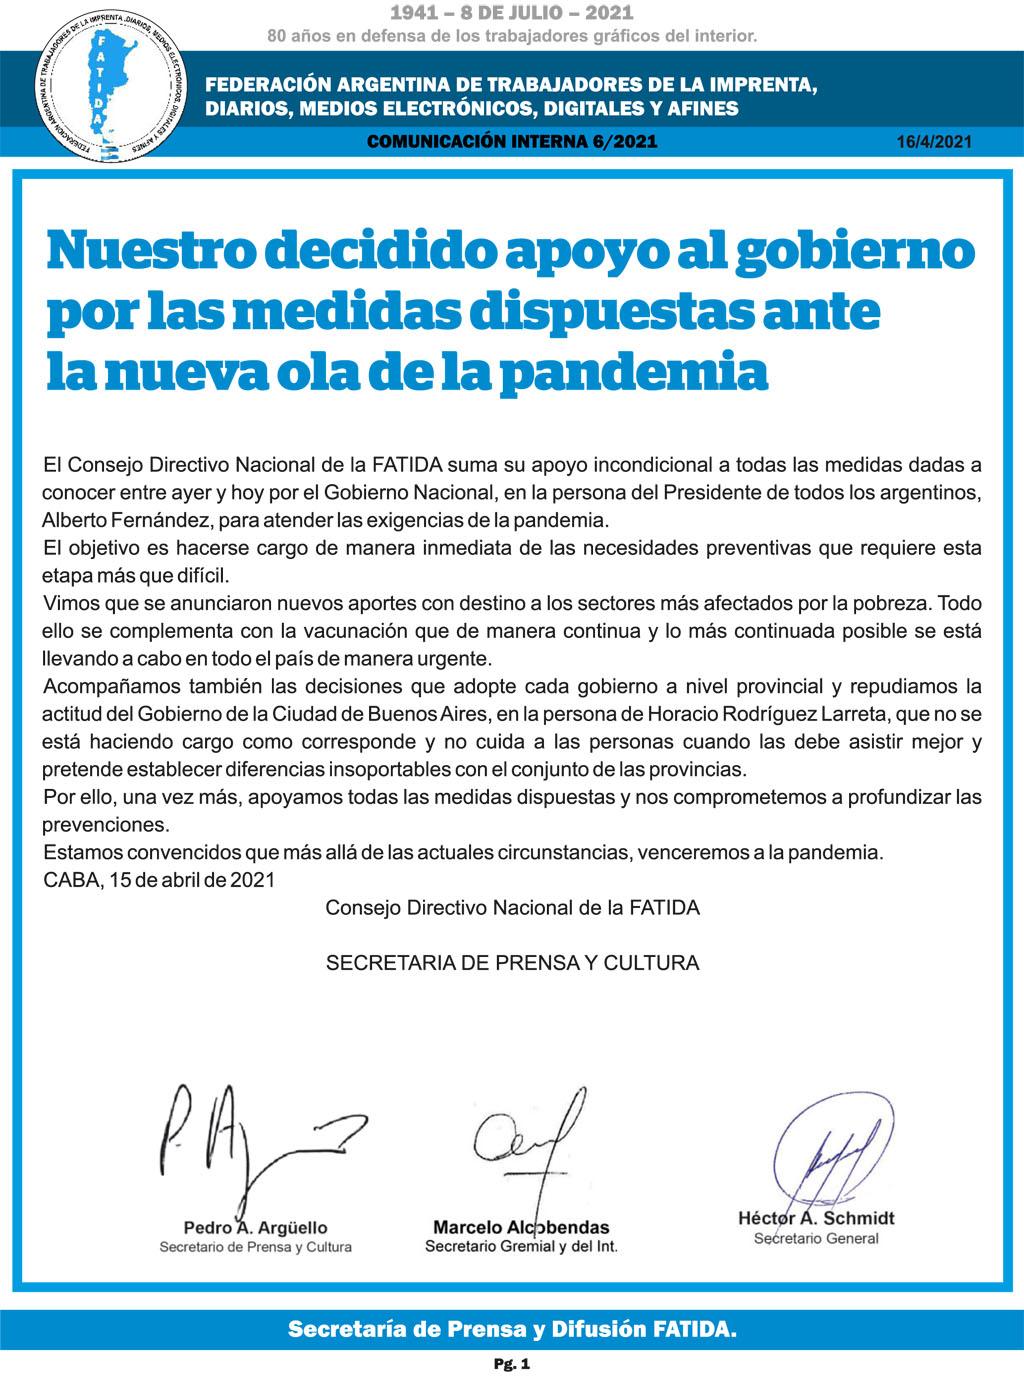 Nuestro decidido apoyo al gobierno por las medidas dispuestas ante la nueva ola de la pandemia